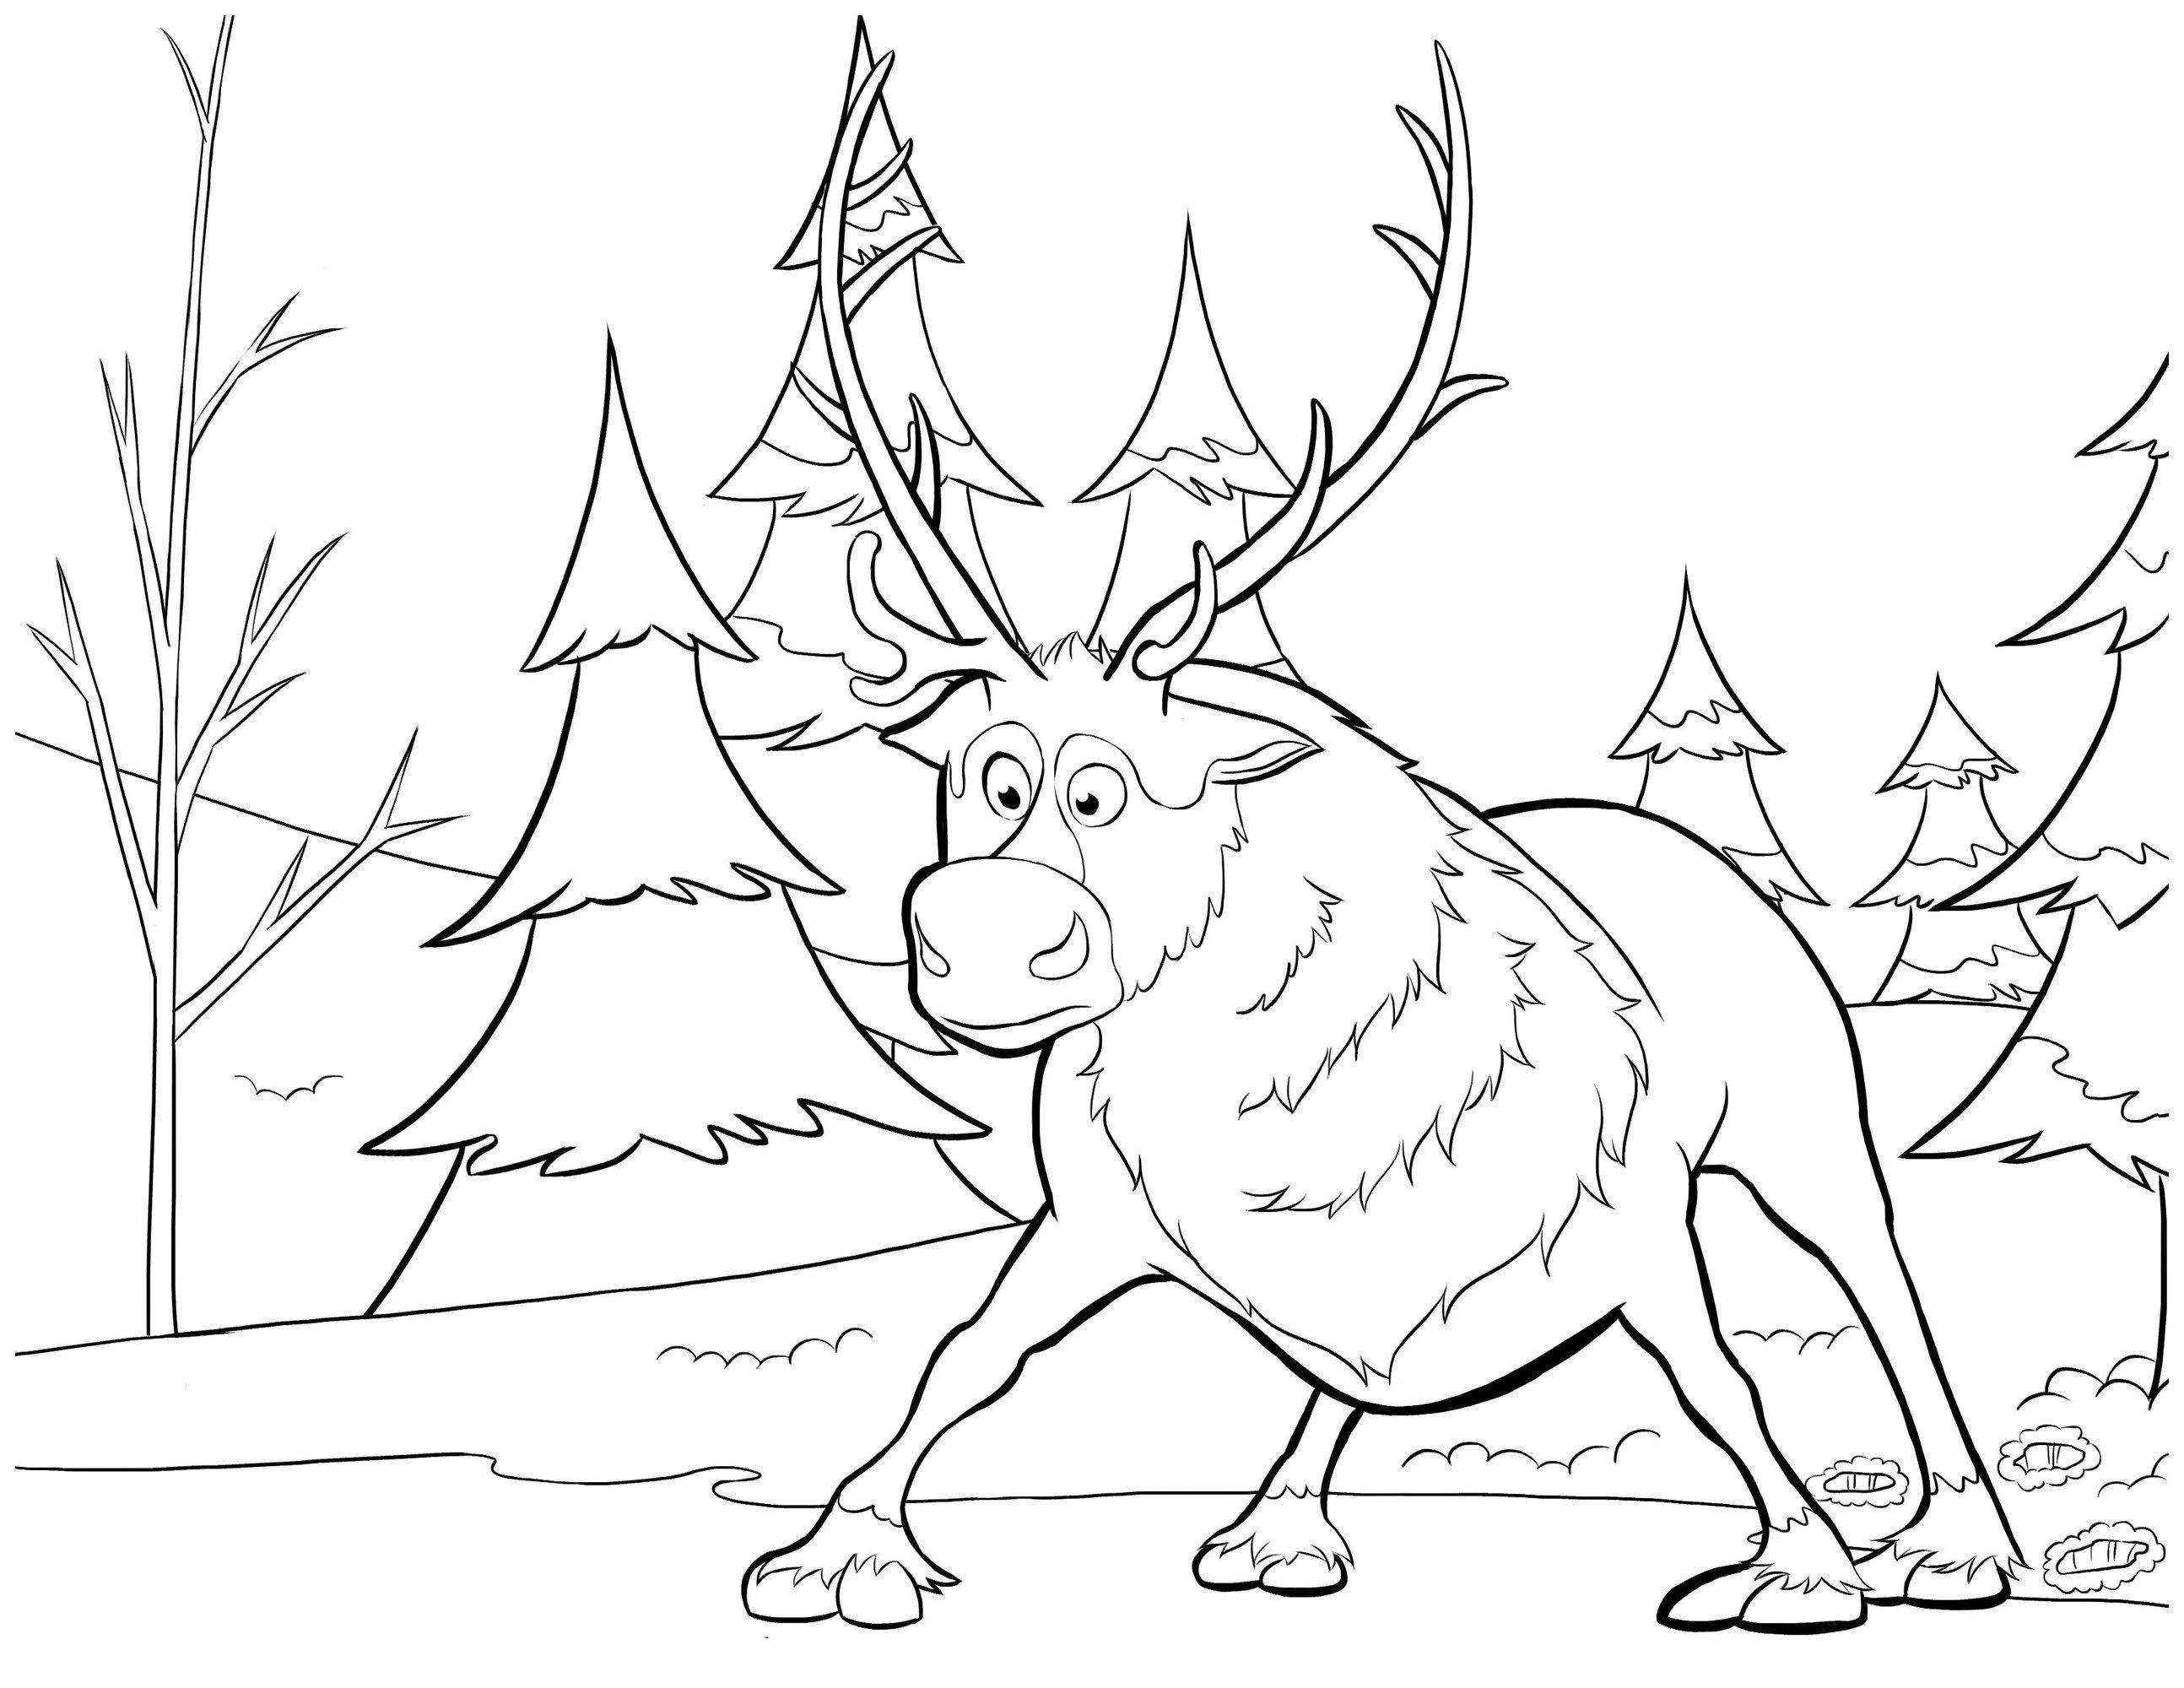 Картинка для раскраски «Свен на льду»